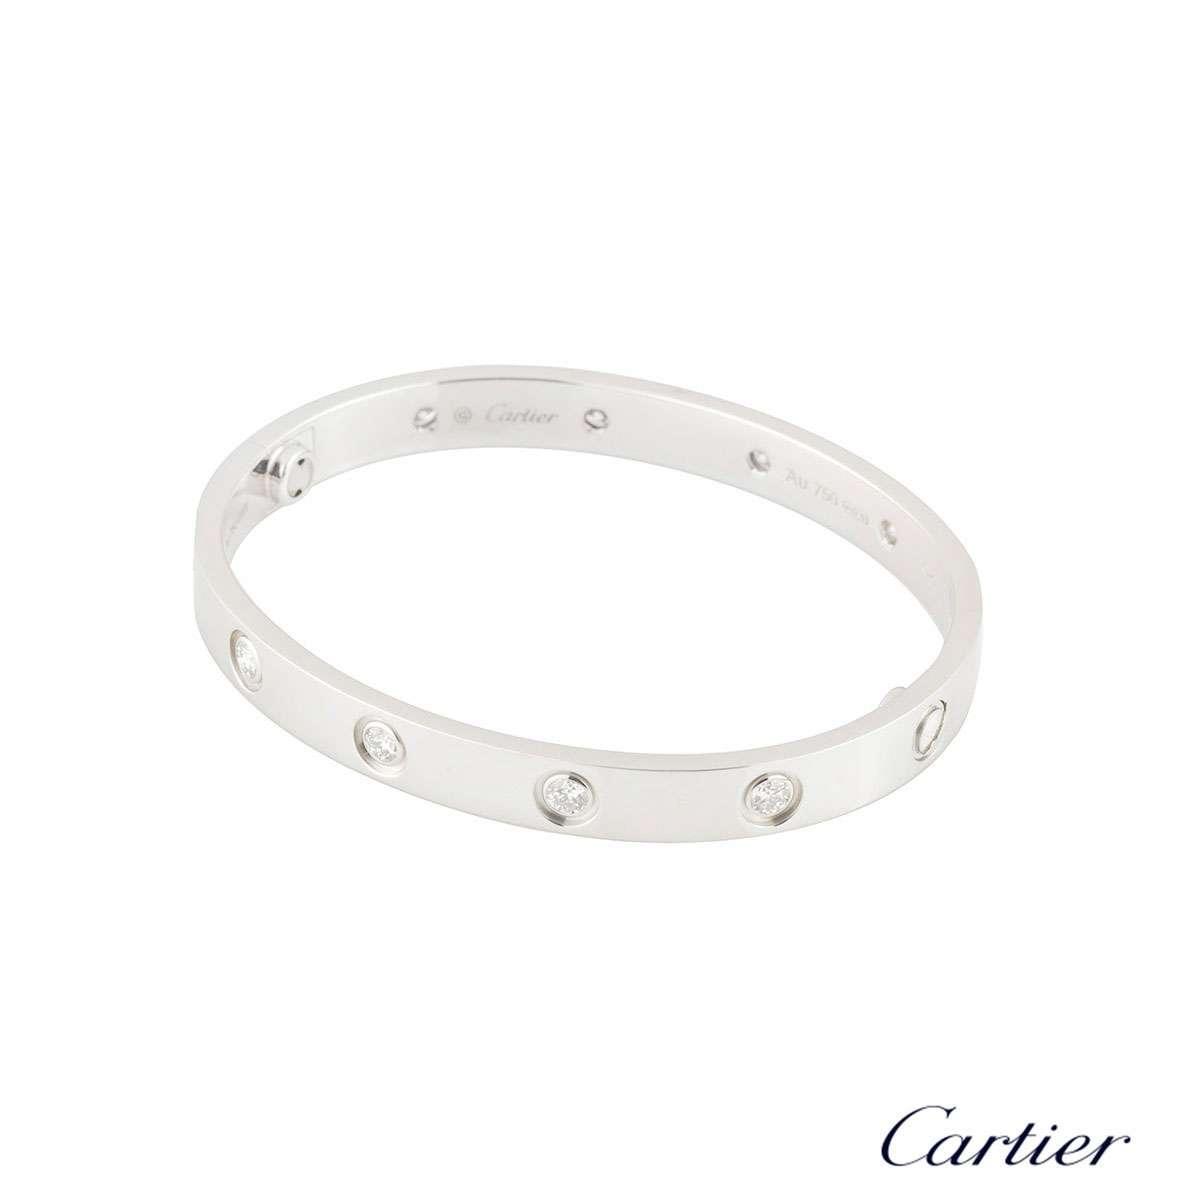 Cartier White Gold Full Diamond Love Bracelet Size 16 B6040716